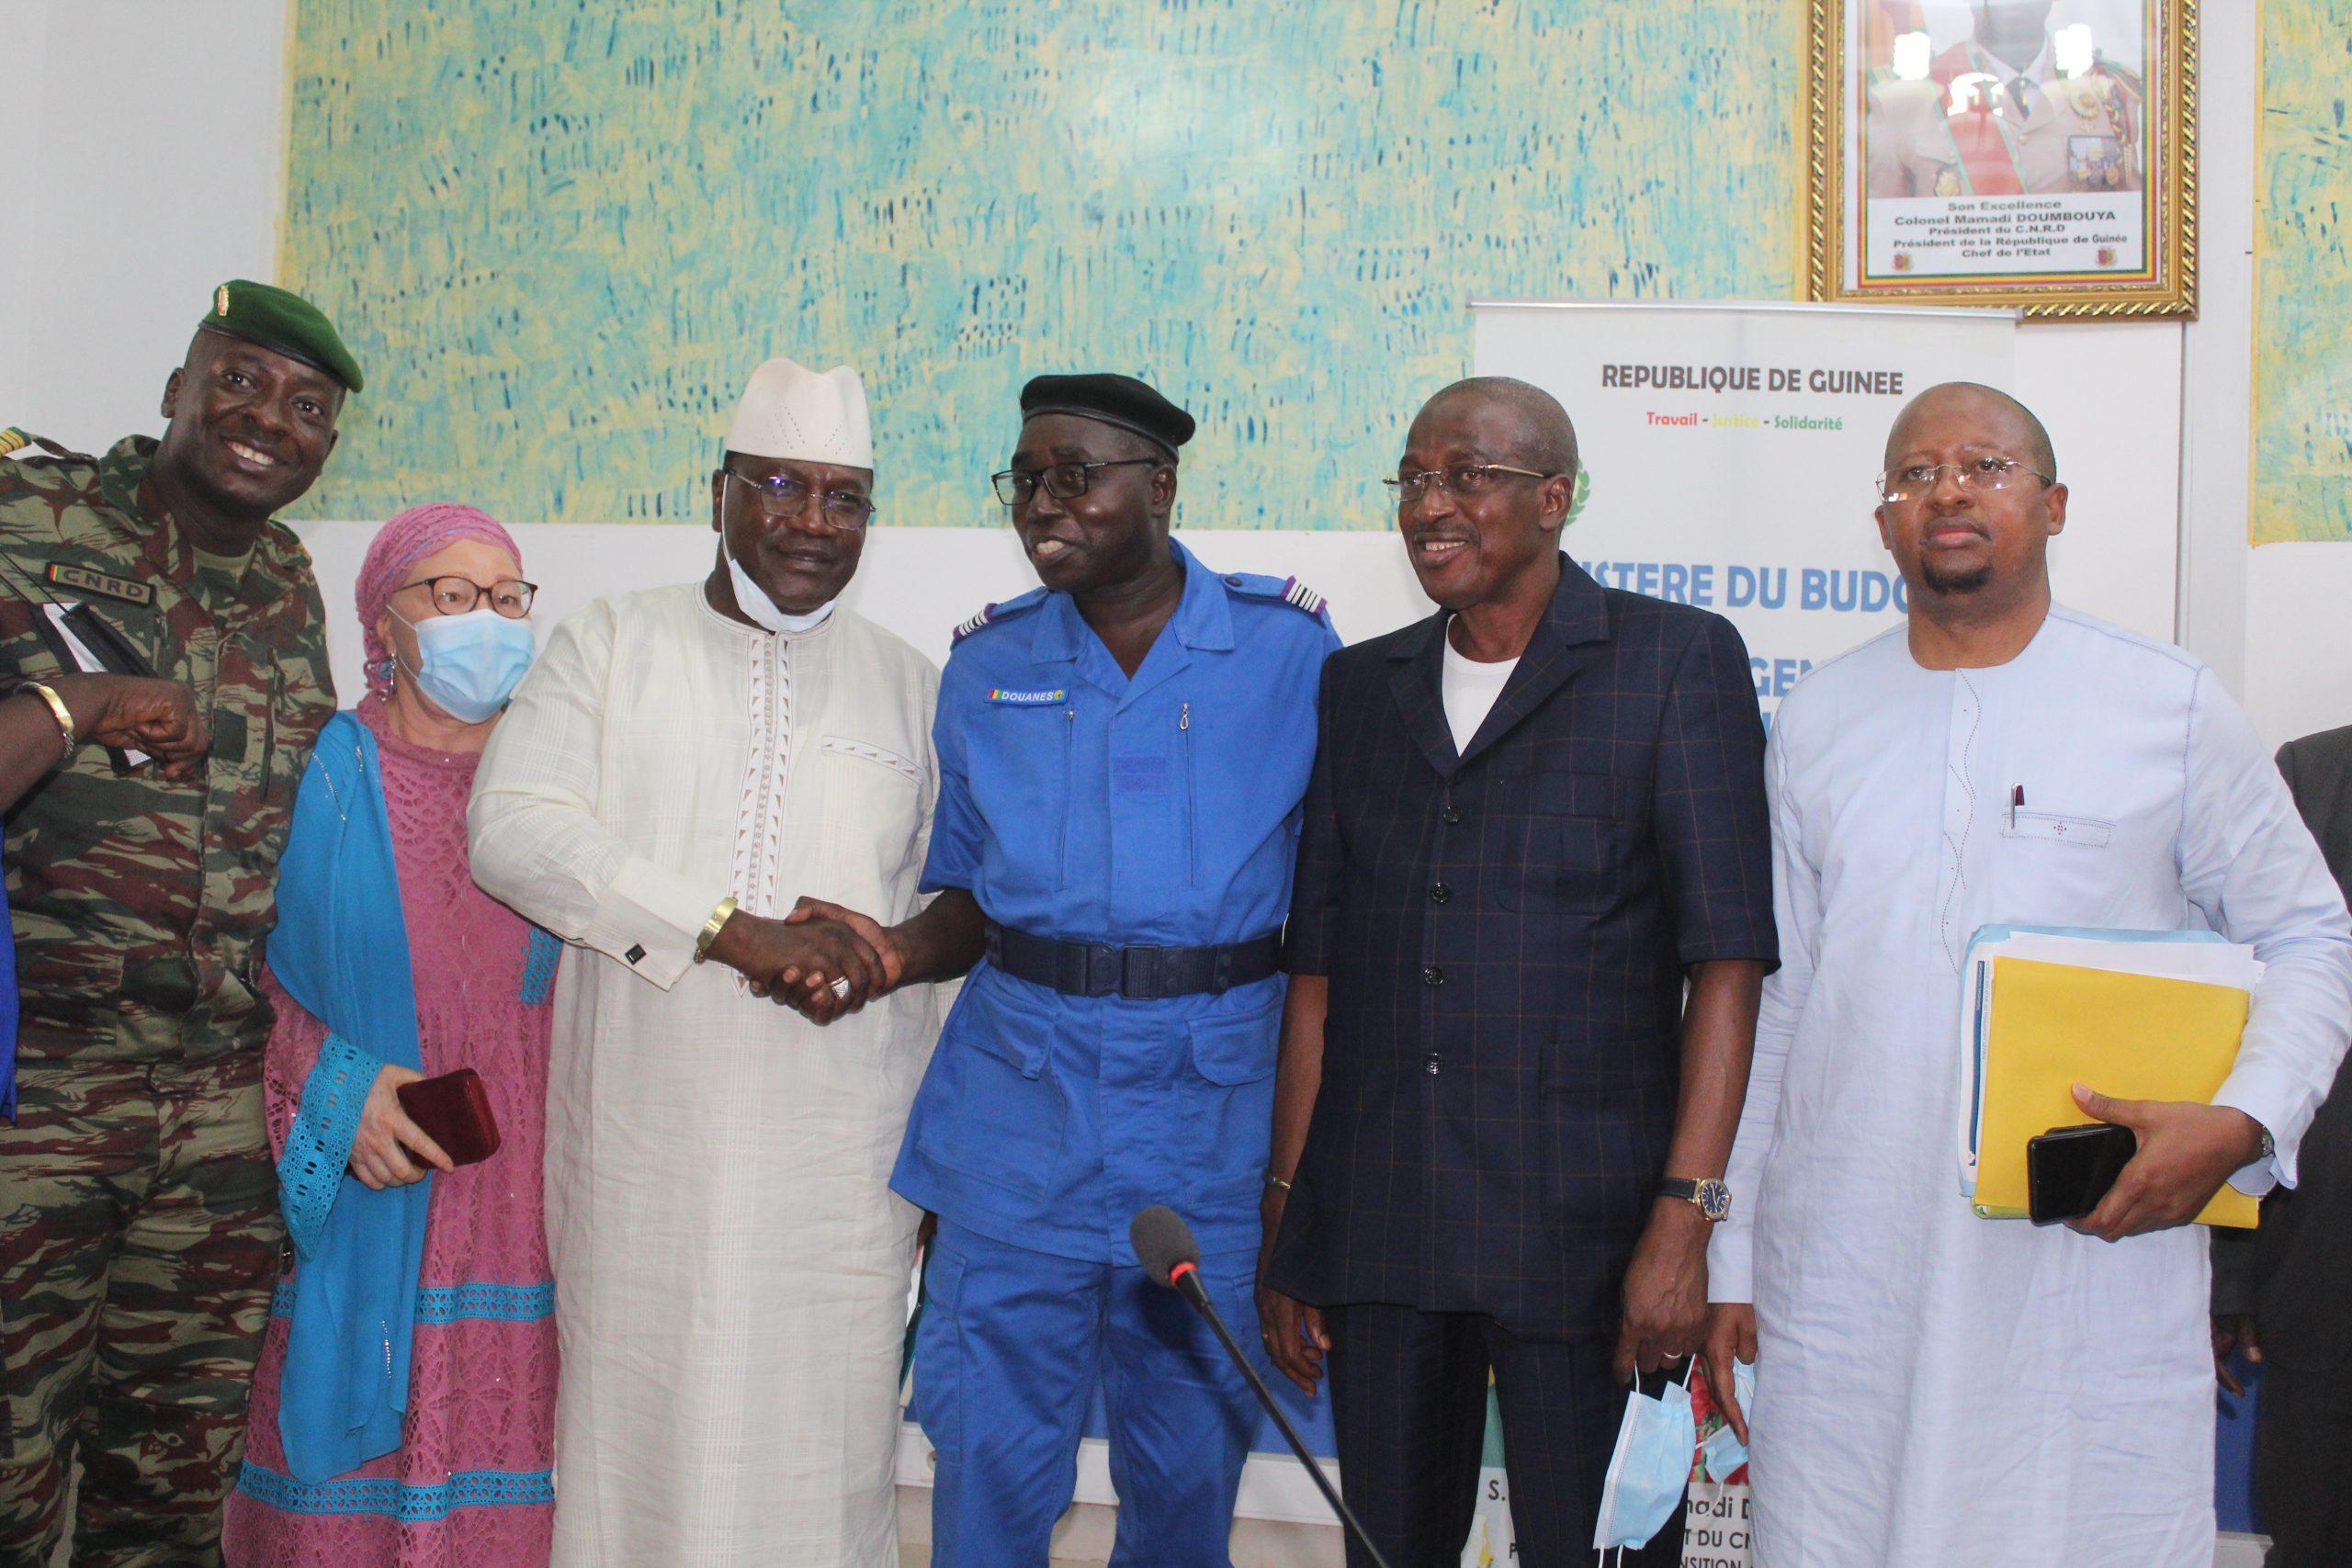 Cérémonie de passation de service entre le Directeur Général sortant des Douanes le Général Toumany Sangaré et celui entrant le Colonel Moussa Camara